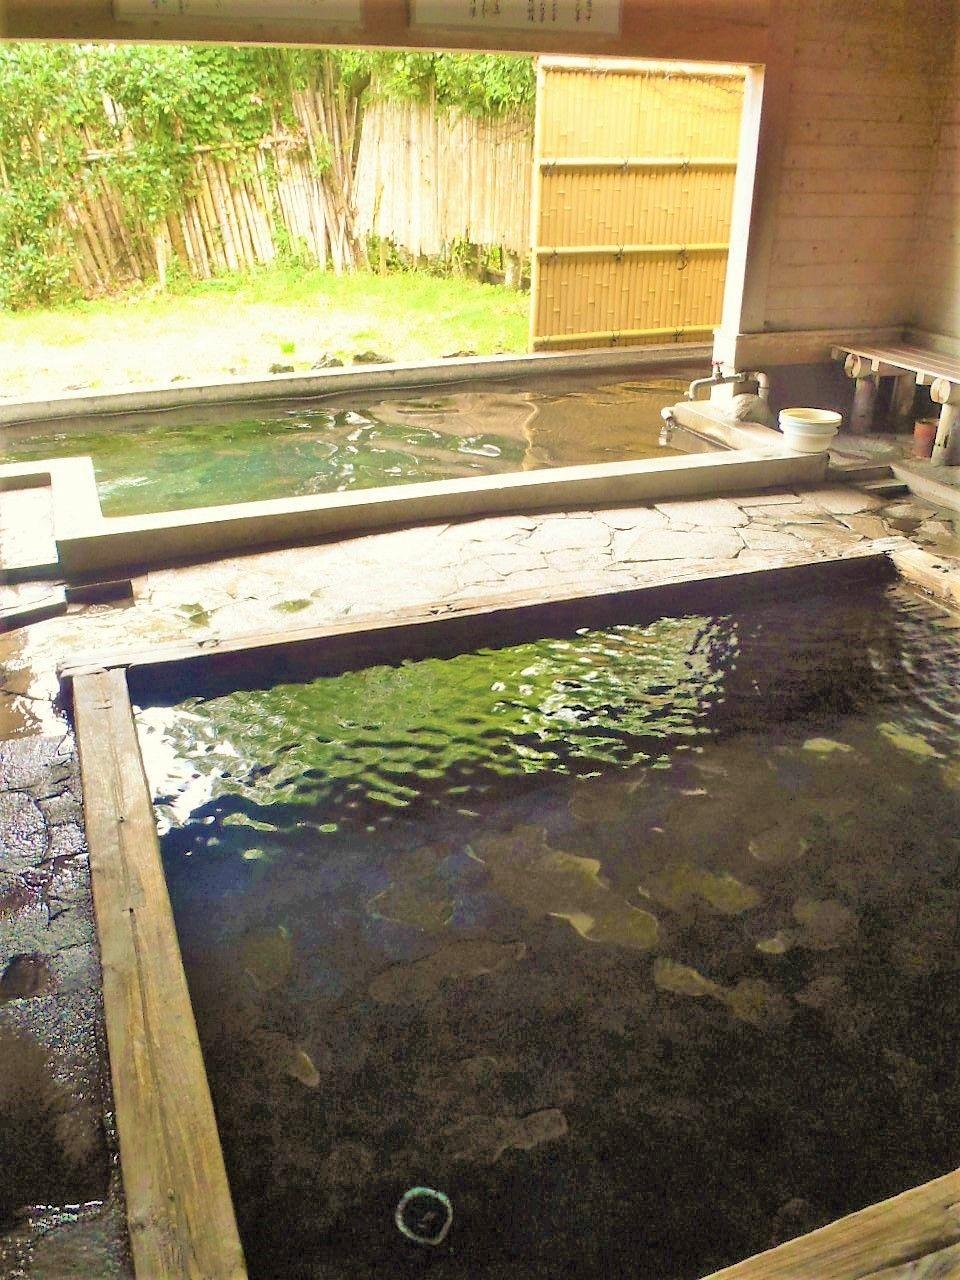 観光名所の金鱗湖から丸見え注意!?半露天&混浴温泉の「下ん湯」